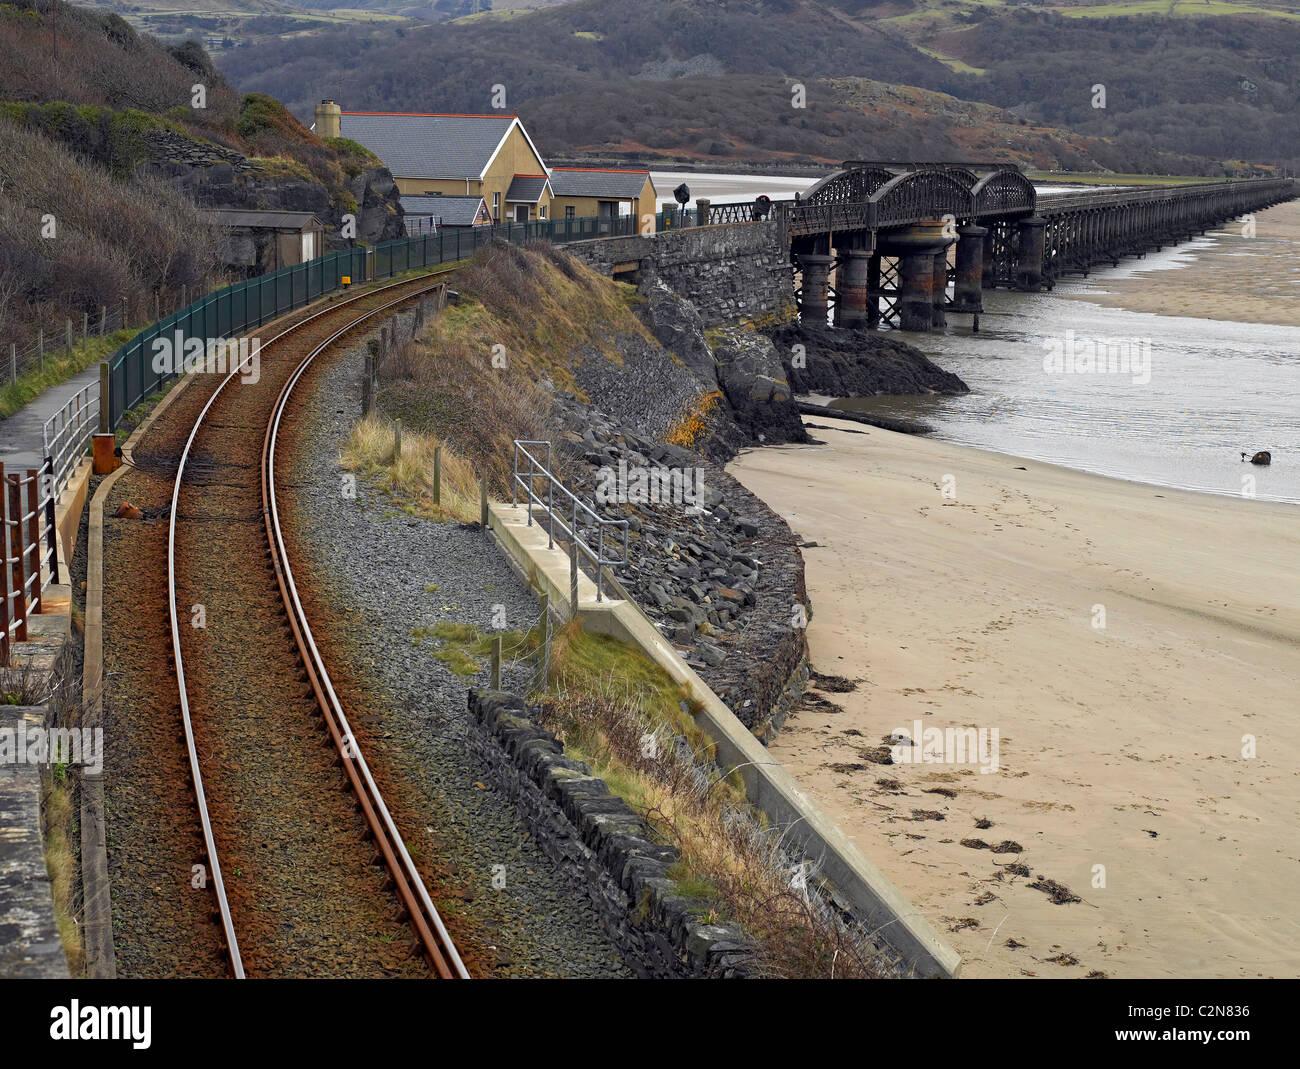 Train tracks railway line Barmouth Bridge over Mawddach Estuary at low tide Gwynedd mid Wales UK United Kingdom Stock Photo